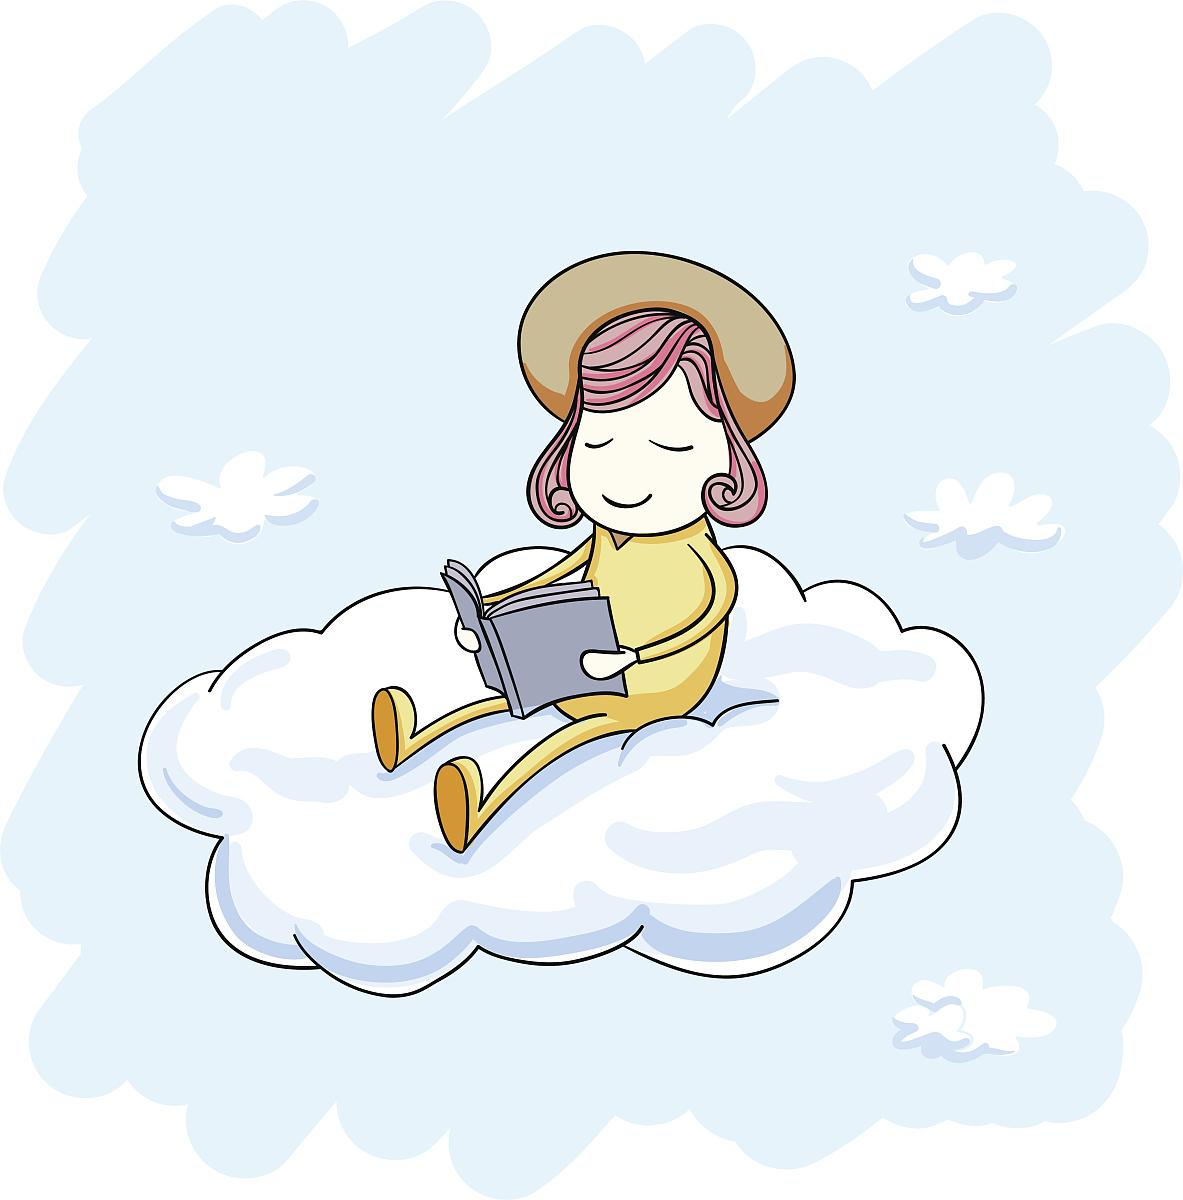 小女孩坐在云上看书图片